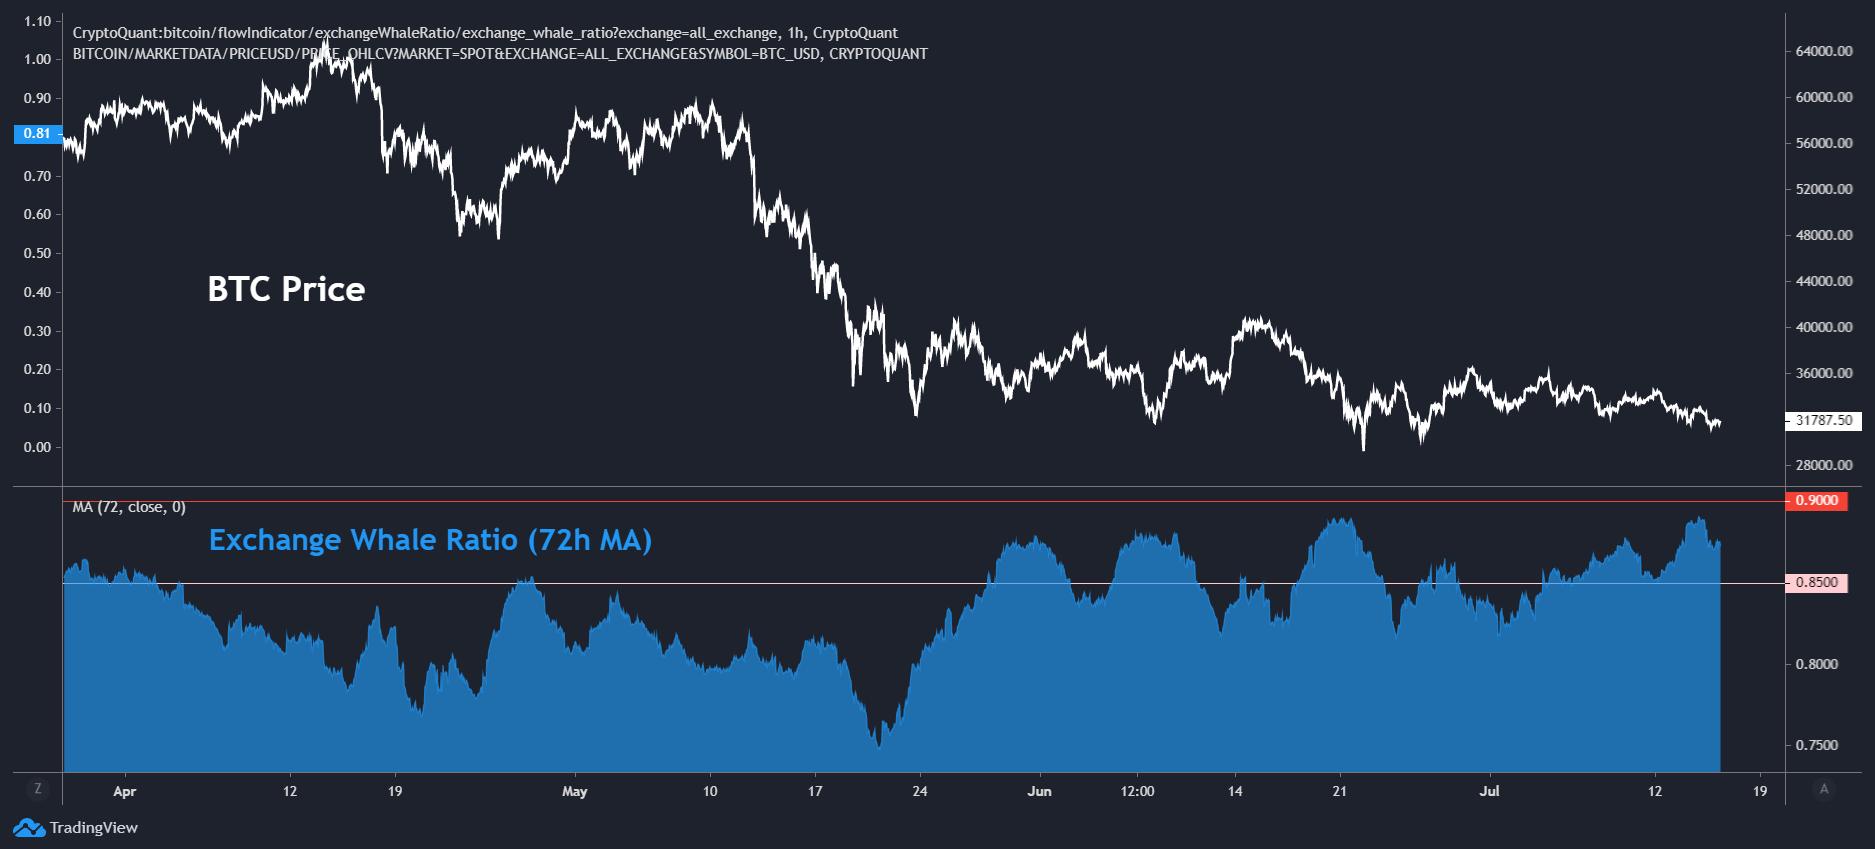 比特币交易所鲸鱼比率图表